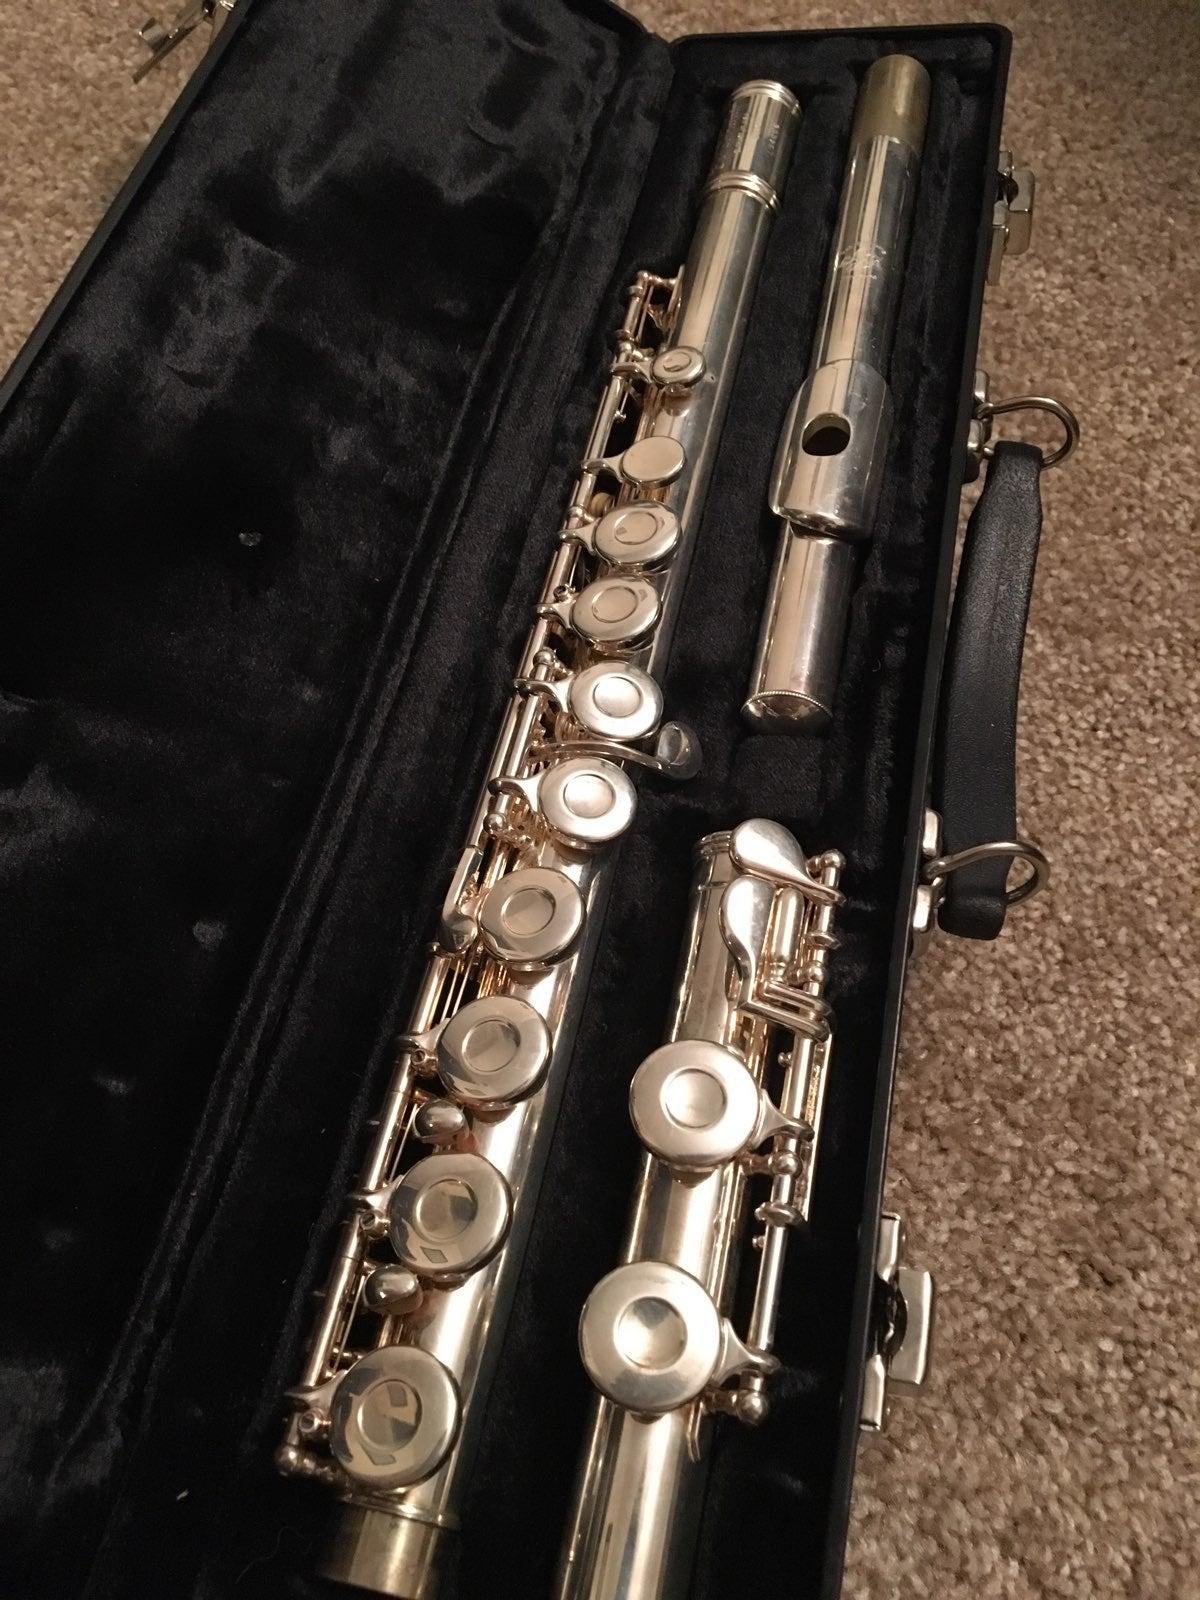 Gemeinhardt SP2 Flute    -PRICE REDUCED-